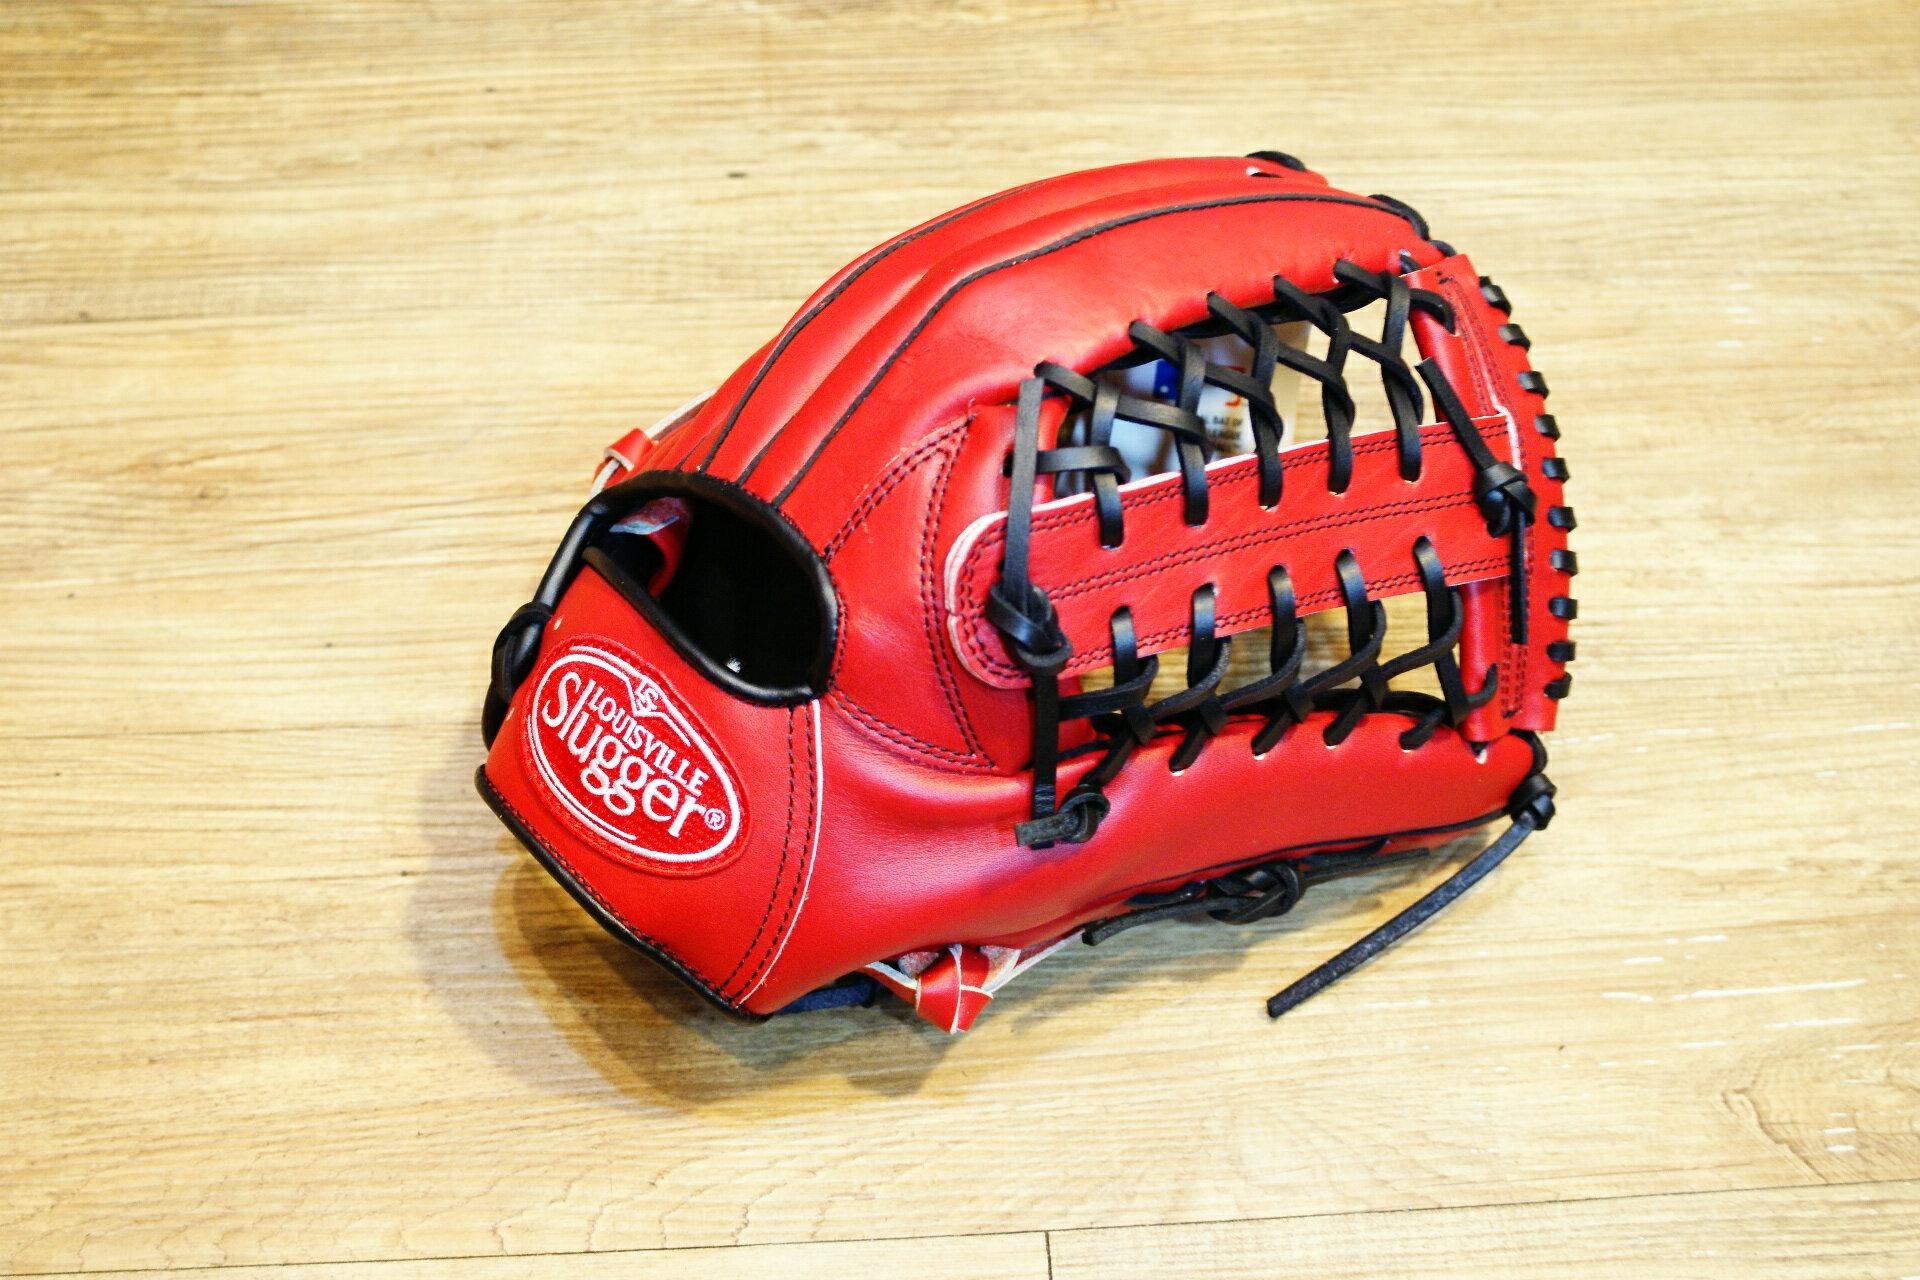 棒球世界 全新Louisvill Slugger 路易斯威爾TPX紅黑配色外野手手套 特價